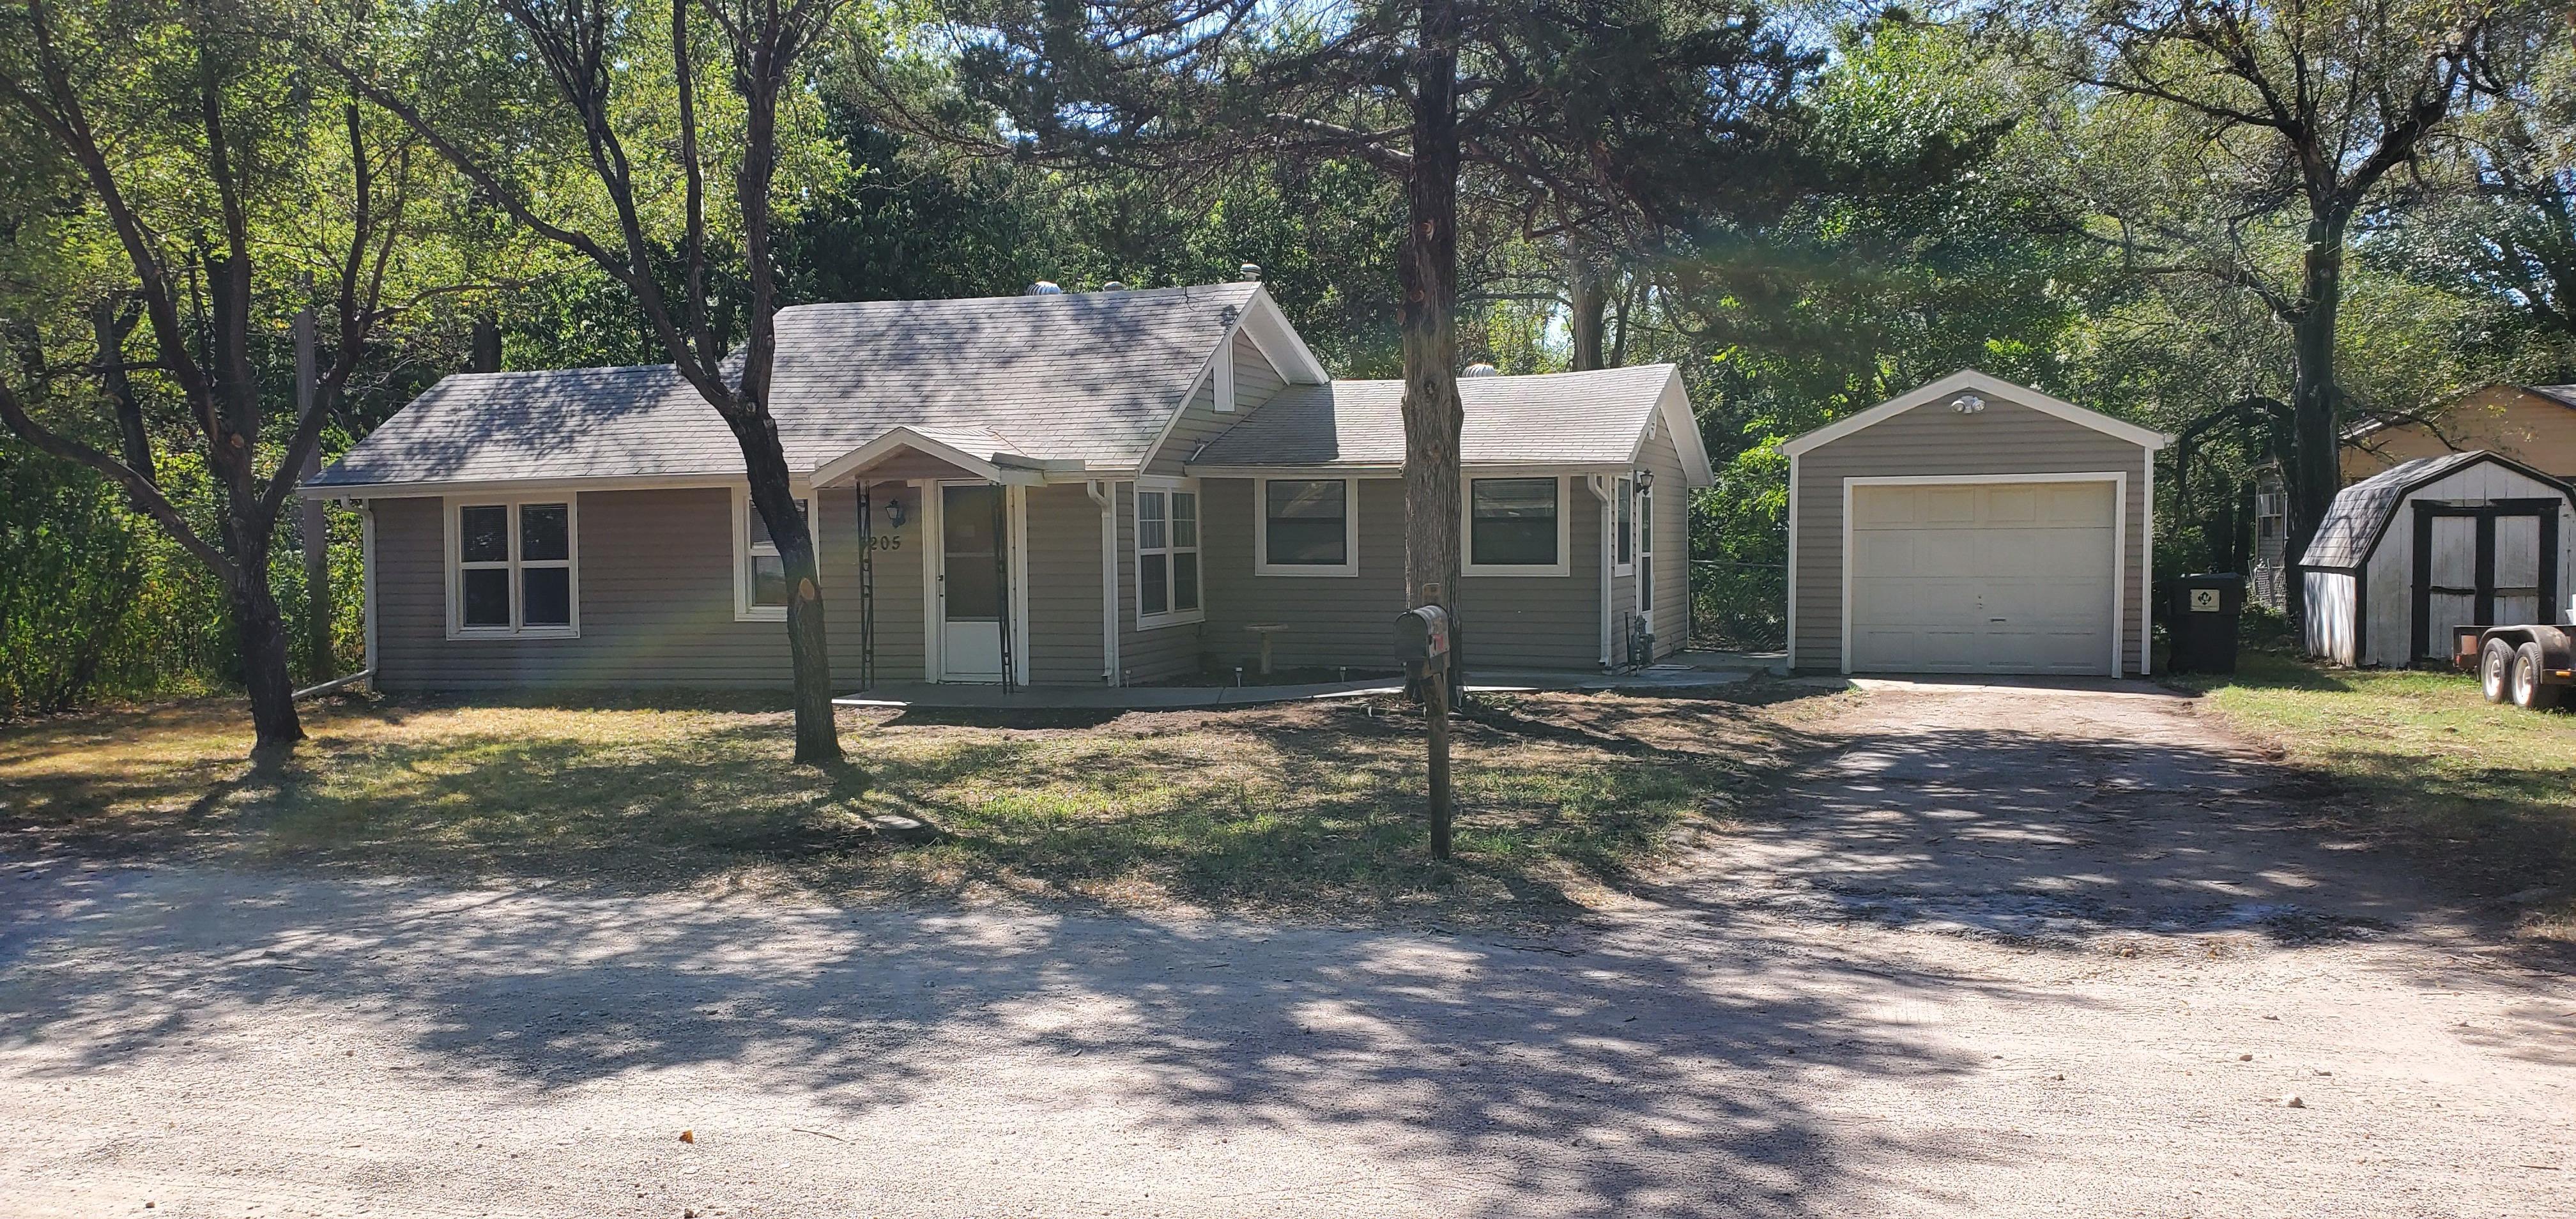 3205 W 11th St N, Wichita, KS